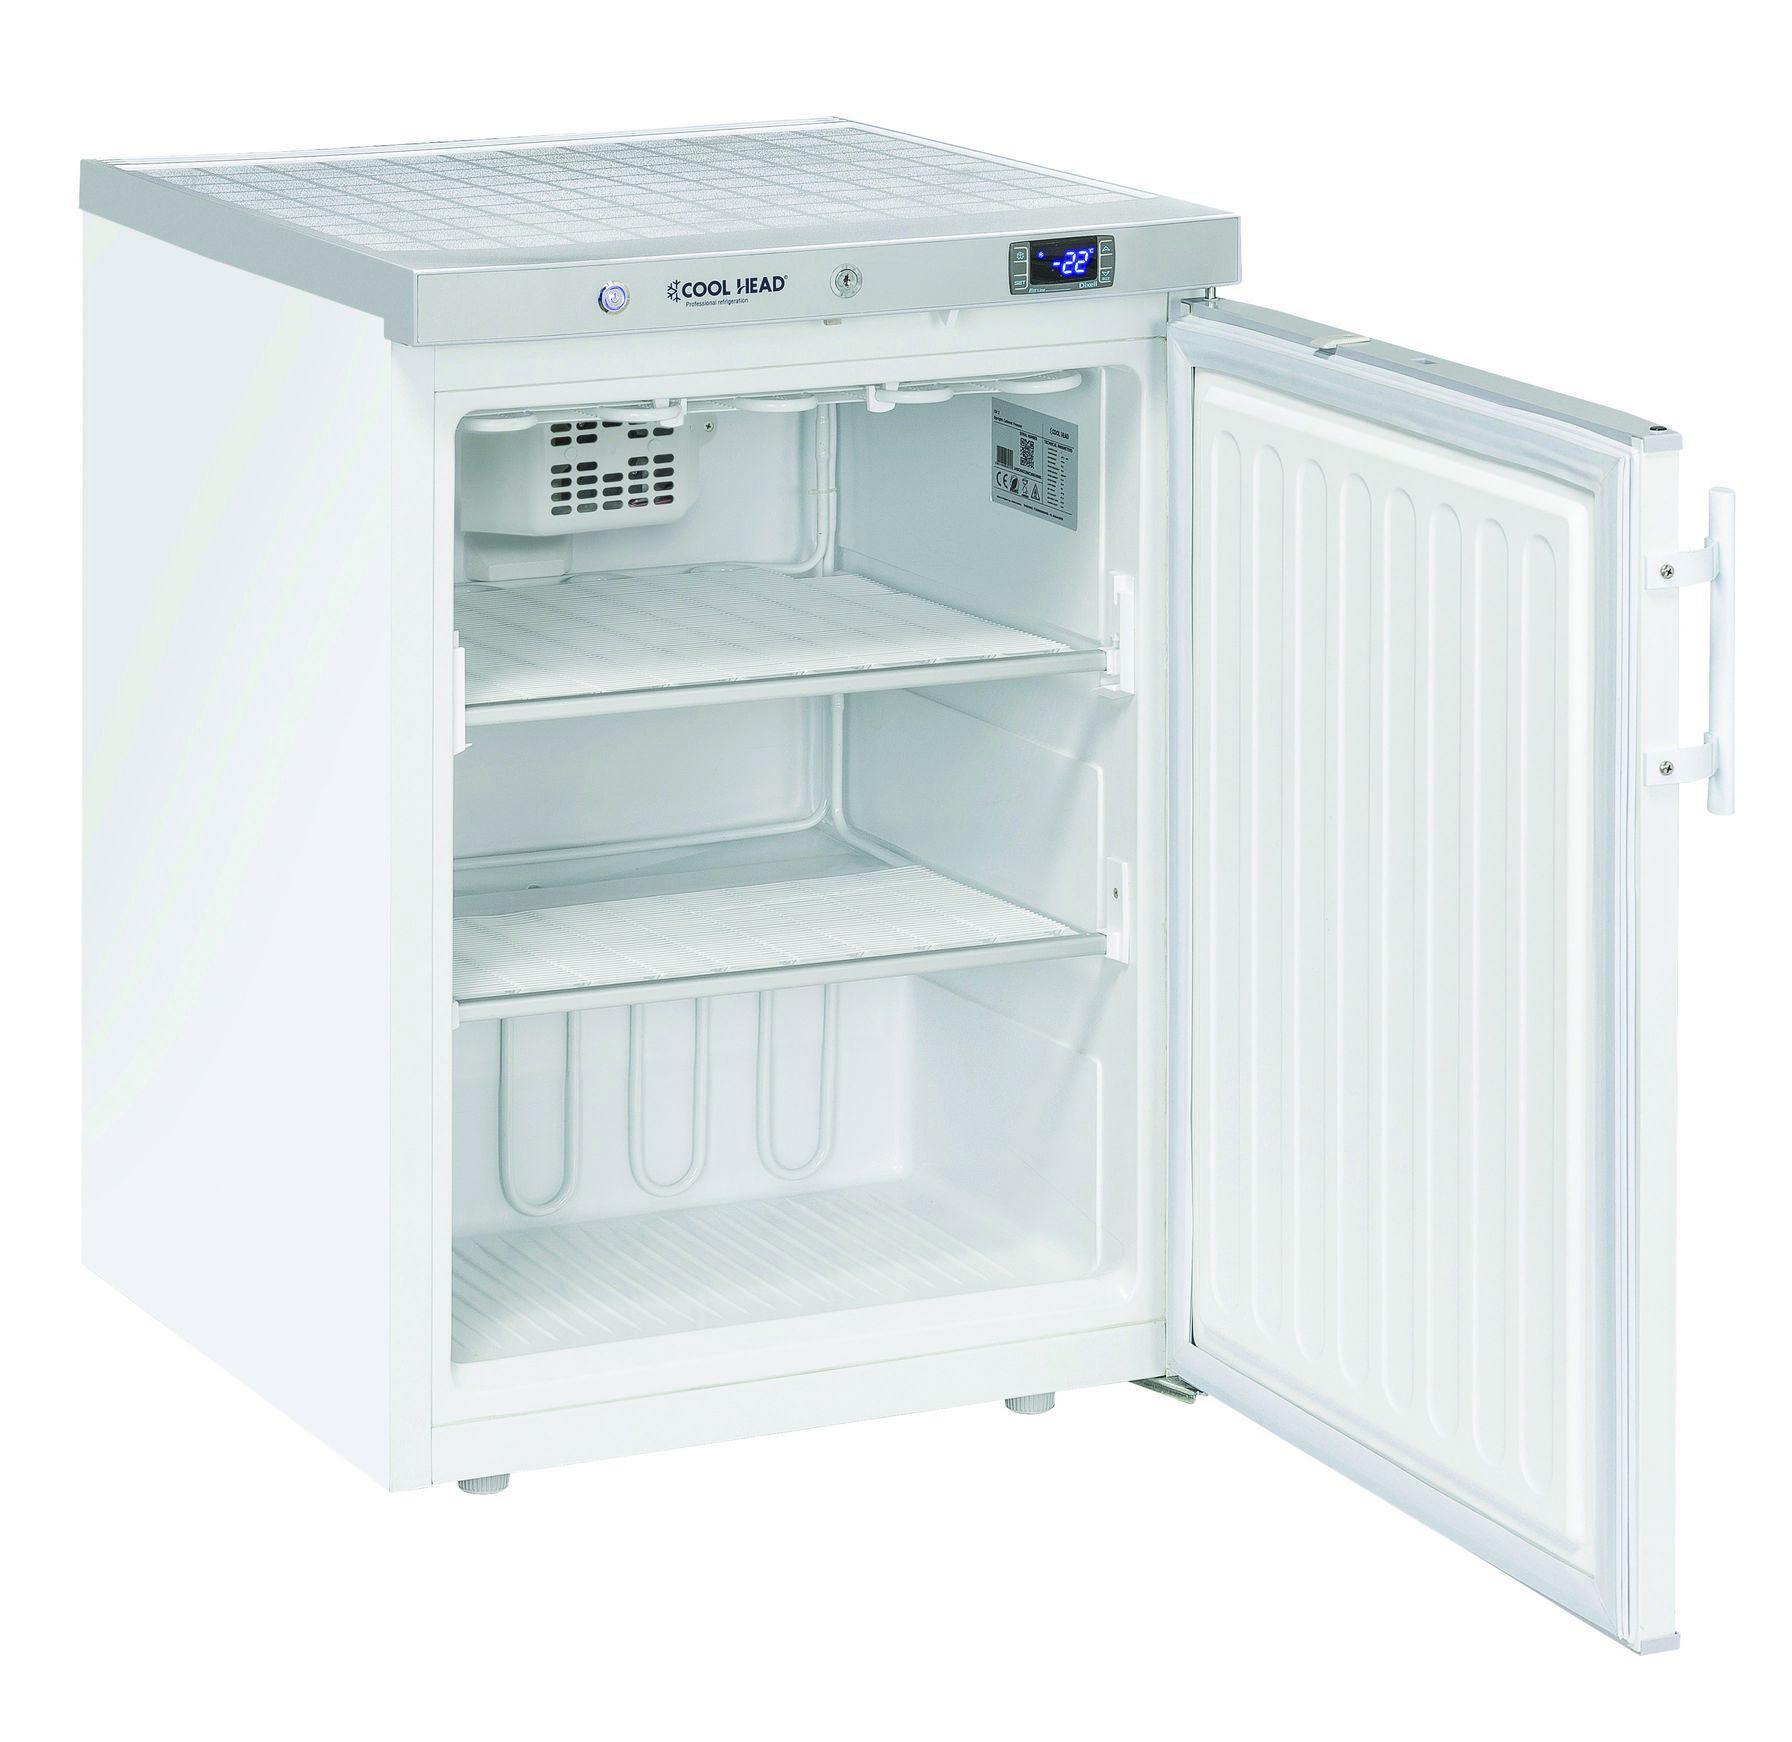 200 literes mélyhűtő, statikus hűtéssel, teli ajtóval, fehér